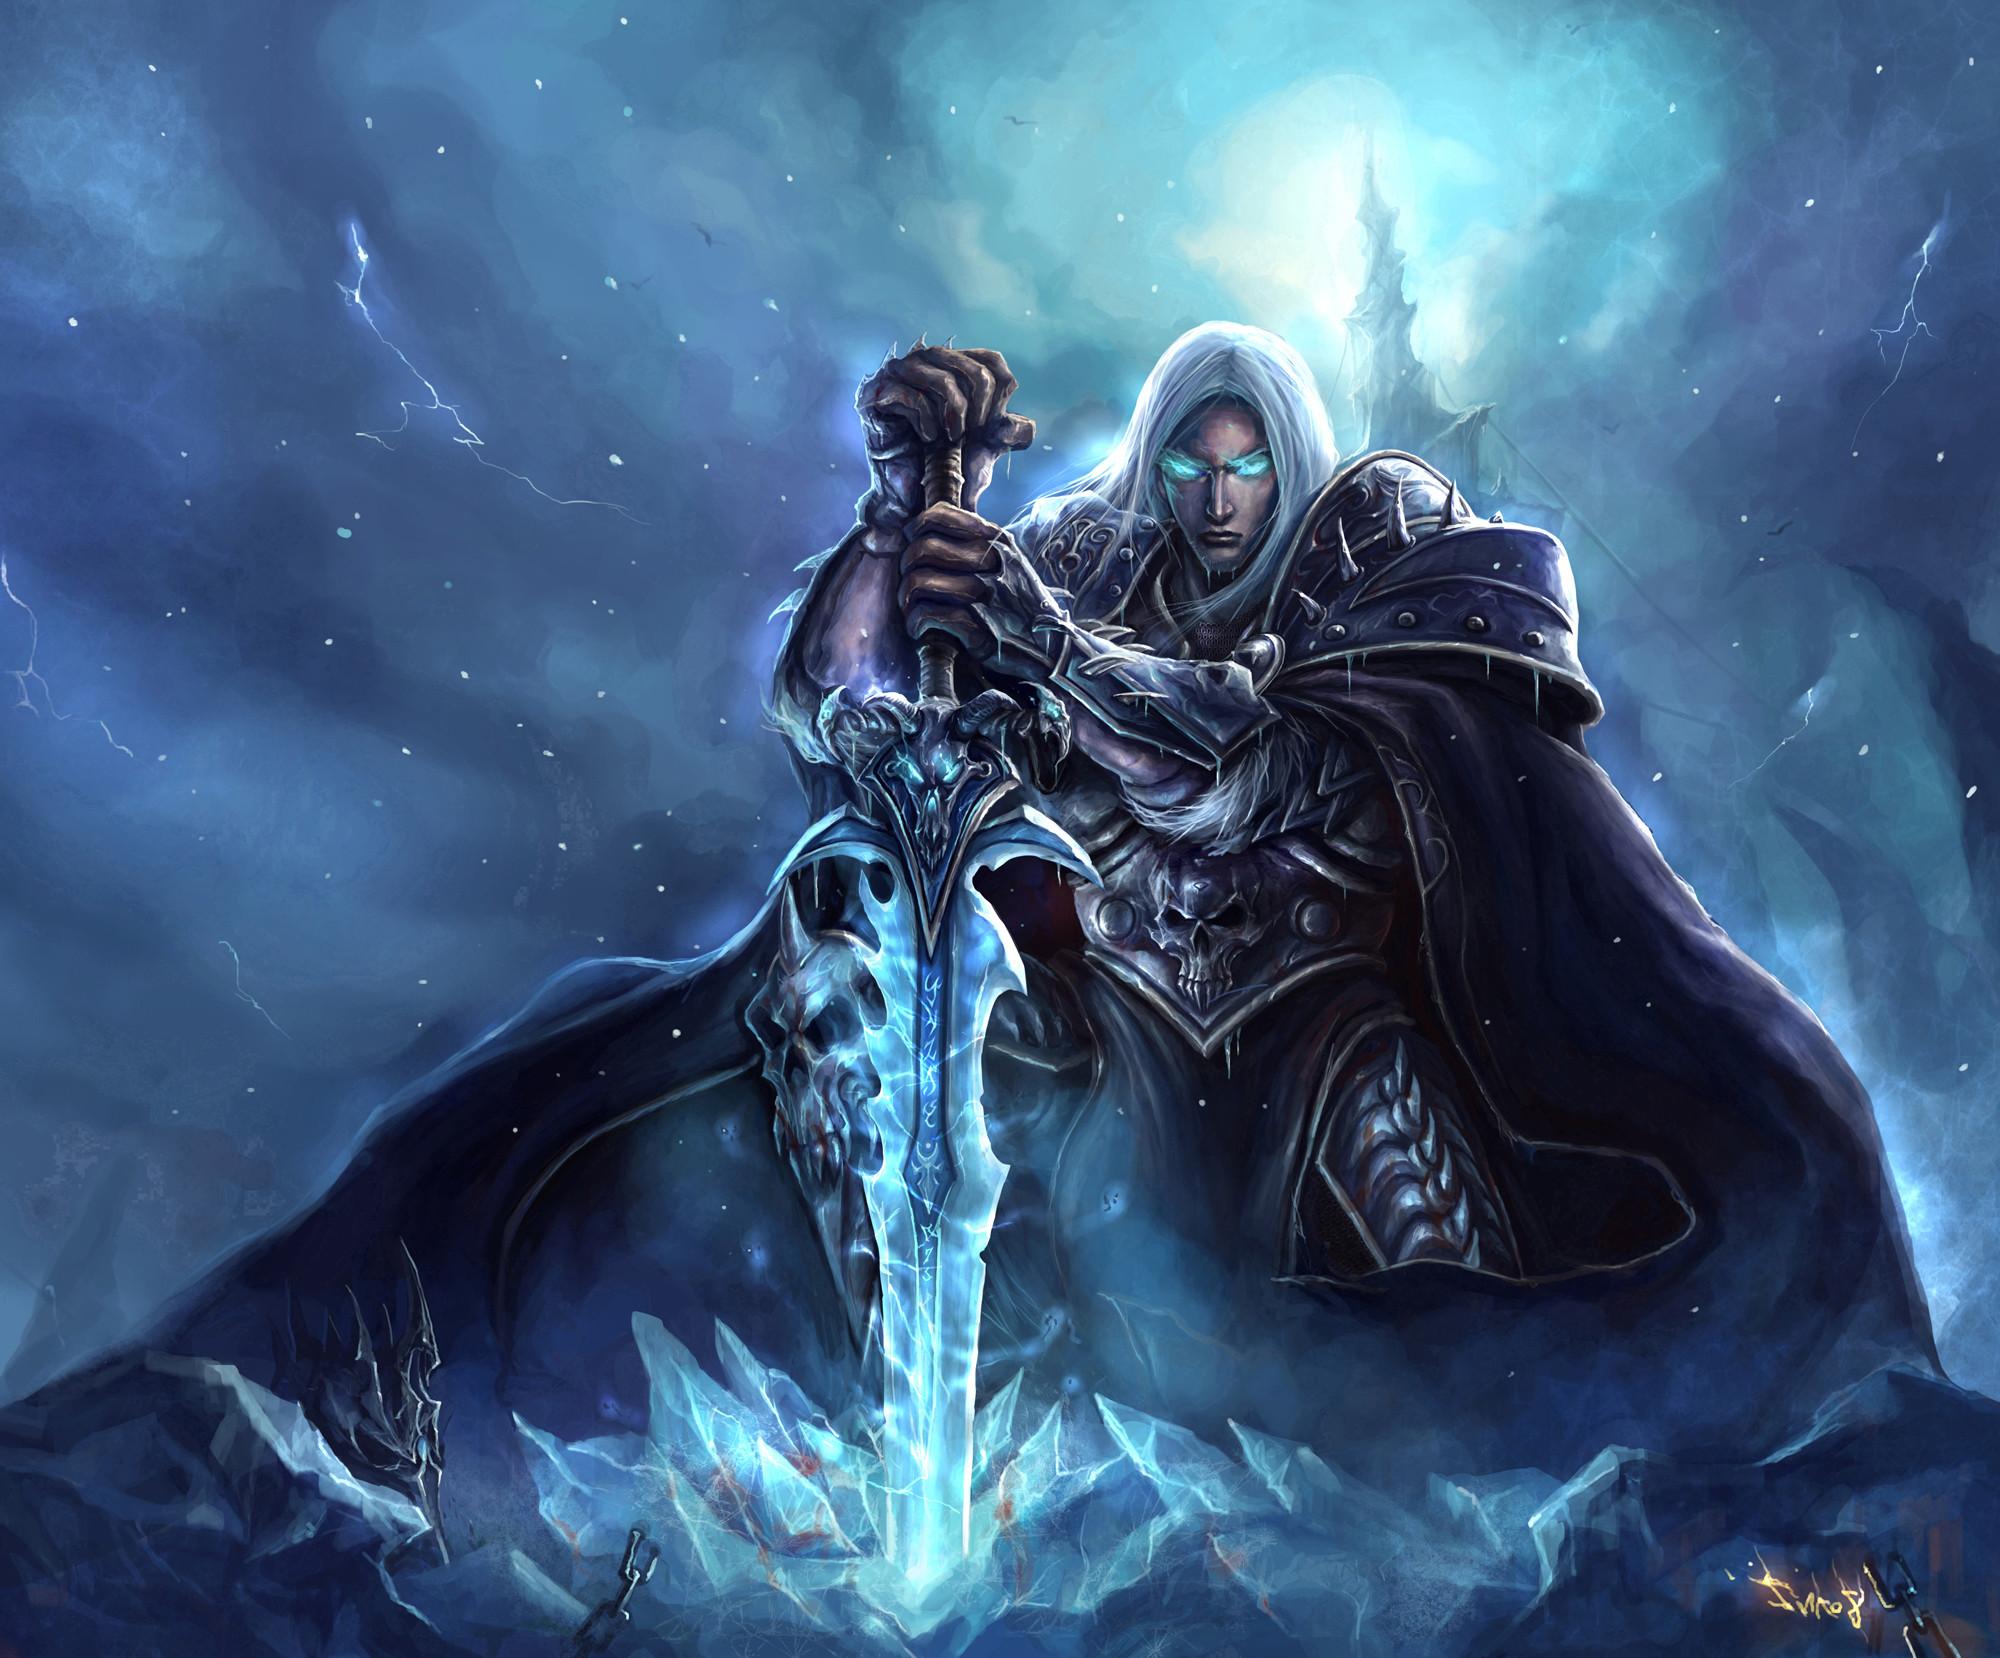 Fan Art – Media – World of Warcraft